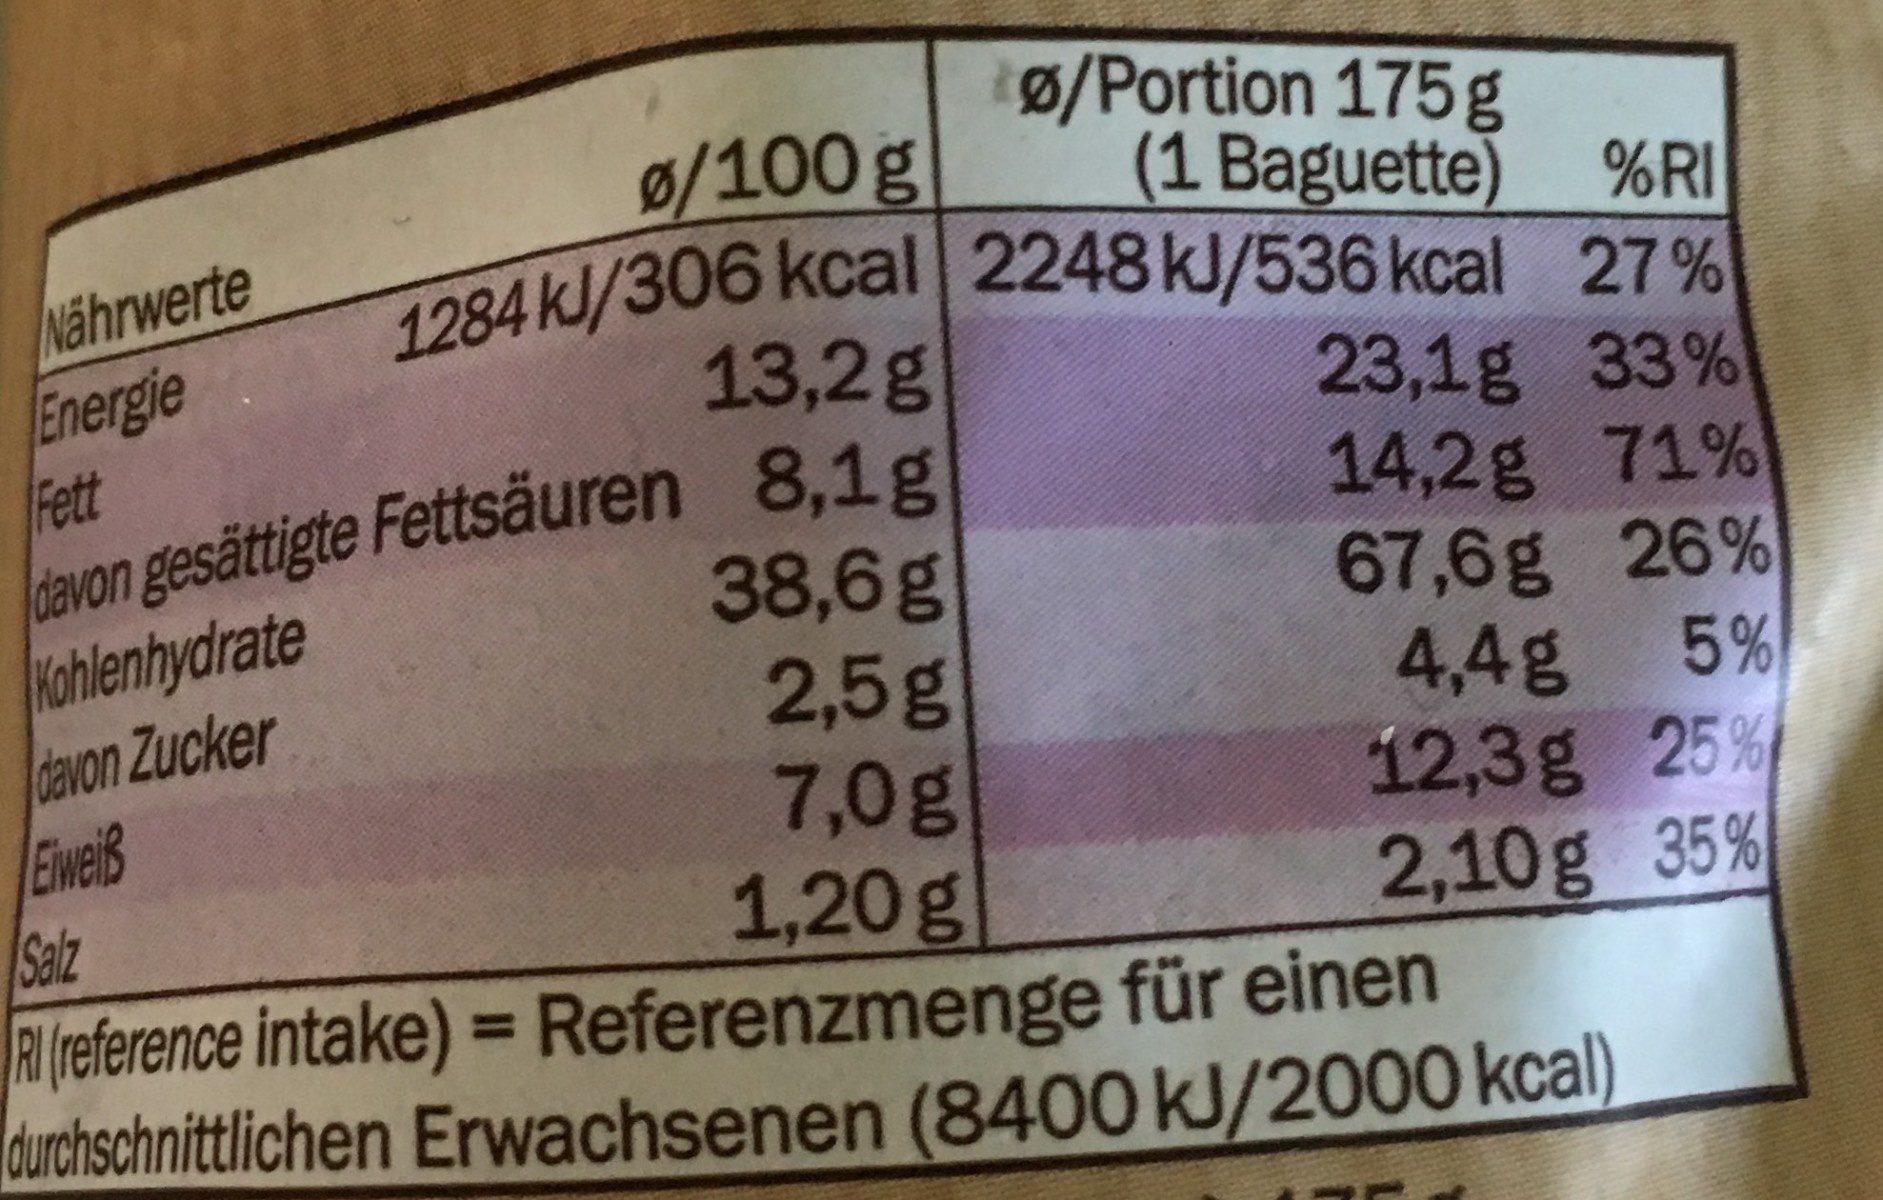 Baguette de ajo - Informations nutritionnelles